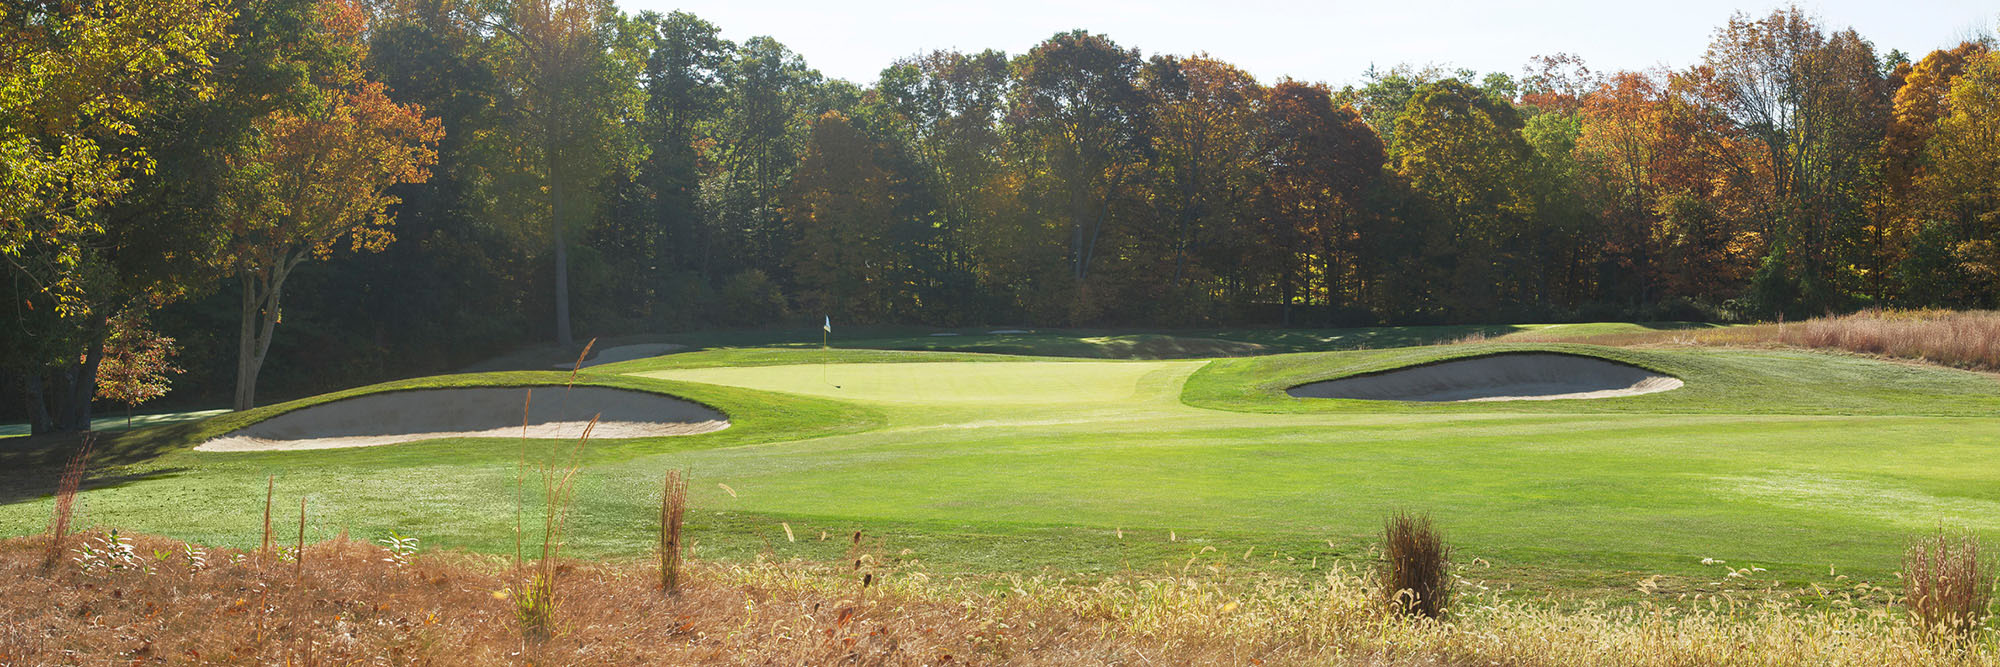 Golf Course Image - The Tuxedo Club No. 13